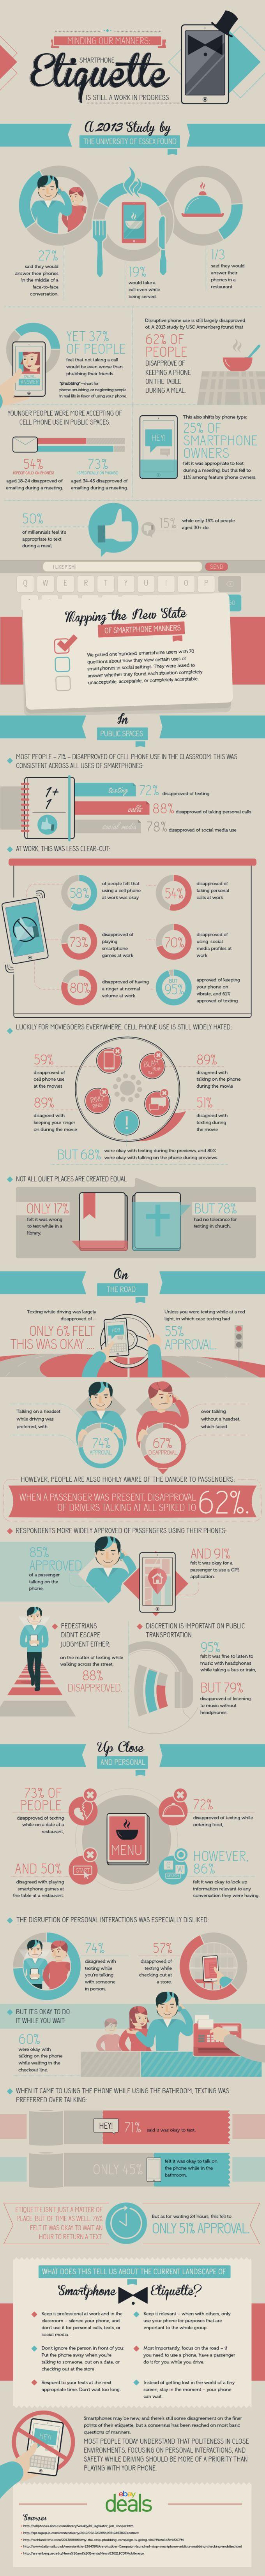 Infographic door de University of Essex naar aanleiding van hun onderzoek (2013) naar smartphone-etiquette-beginselen.  Top 3 etiquette-suggesties: 1. Gebruik je smartphone níet wanneer je face to face met iemand praat, op een date bent of aan de kassa staat af te rekenen; 2. Gebruik je smartphone alléén in gezelschap wanneer dat het belang van de hele groep dient; 3. Zet je smartphone op je werk op stil en gebruik het niet voor persoonlijke telefoontjes, berichtjes of sociale media.